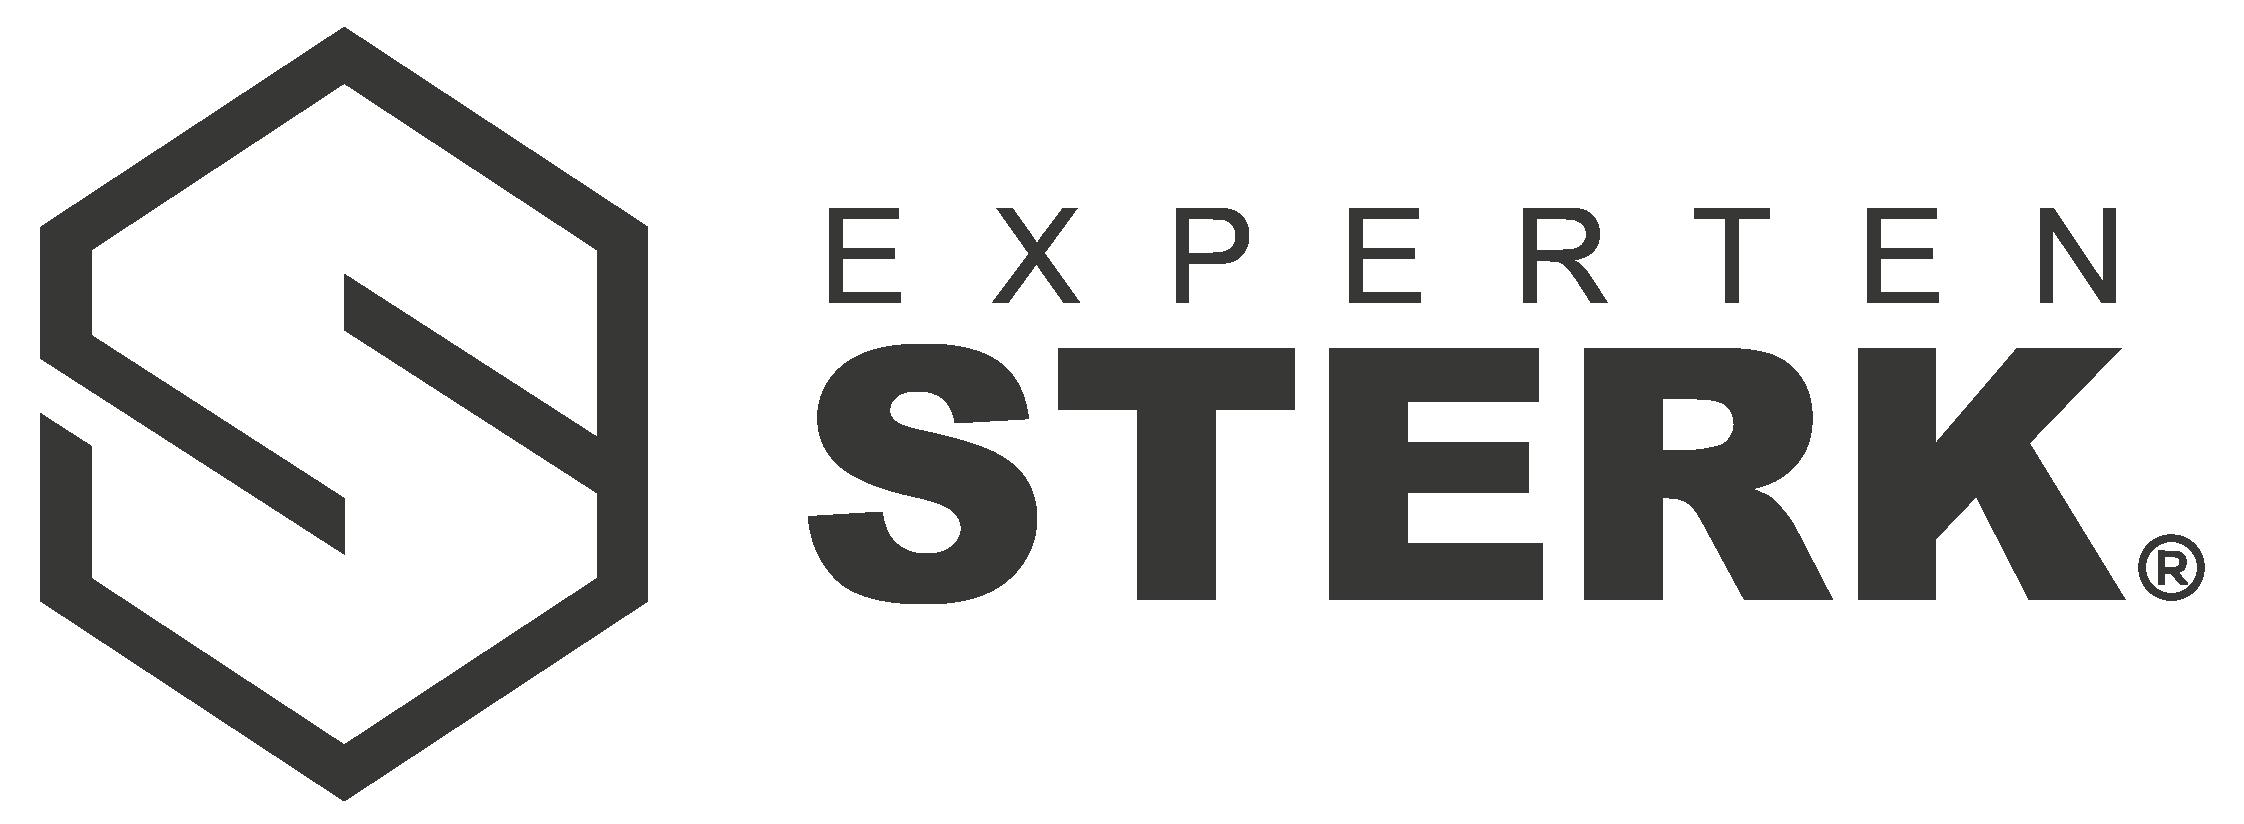 Sterk_expert_logo-01